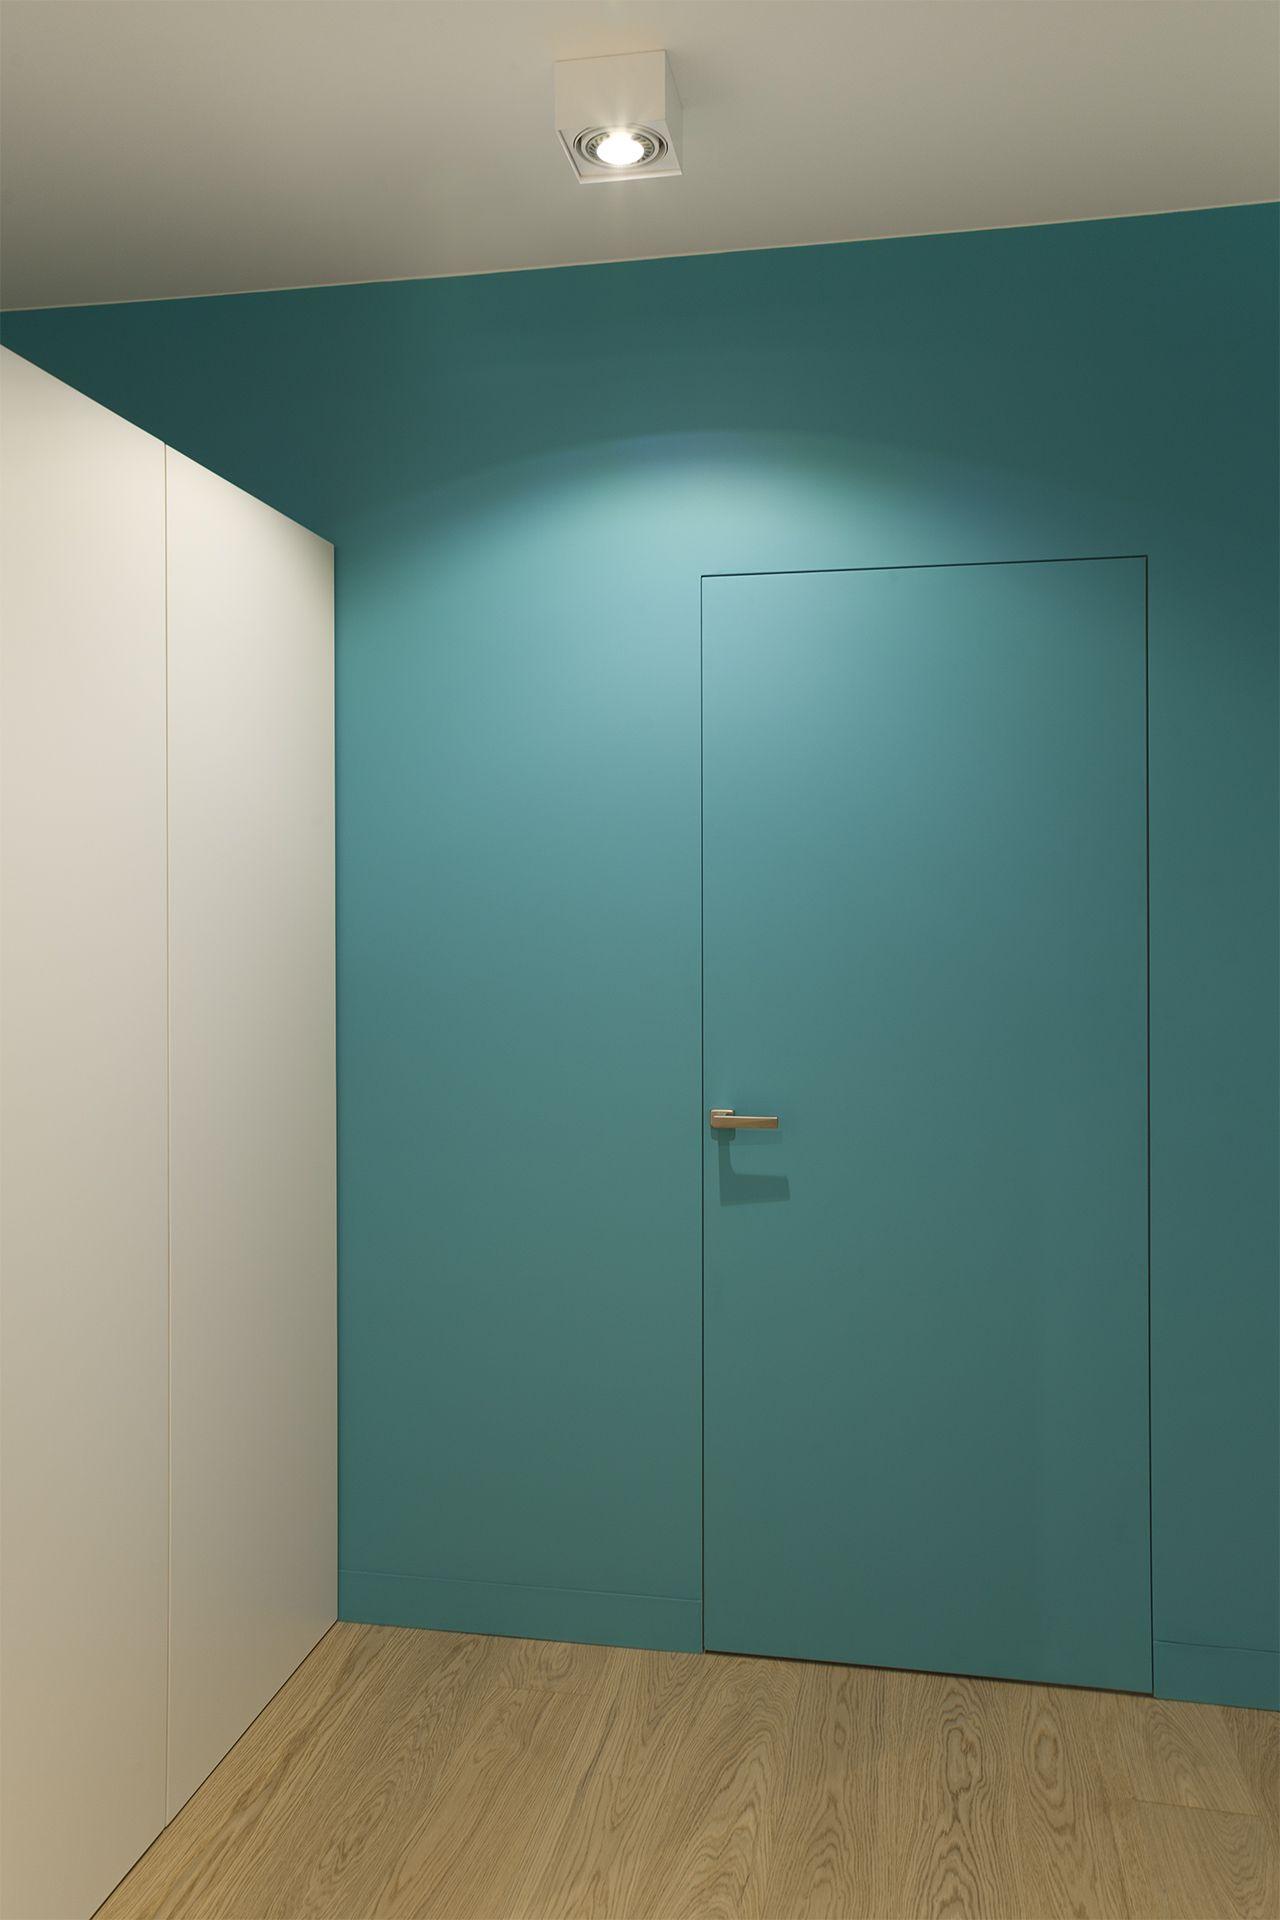 Turkusowe wnętrze, a w nim... drzwi z ukrytą ościeżnicą marki Drims ...